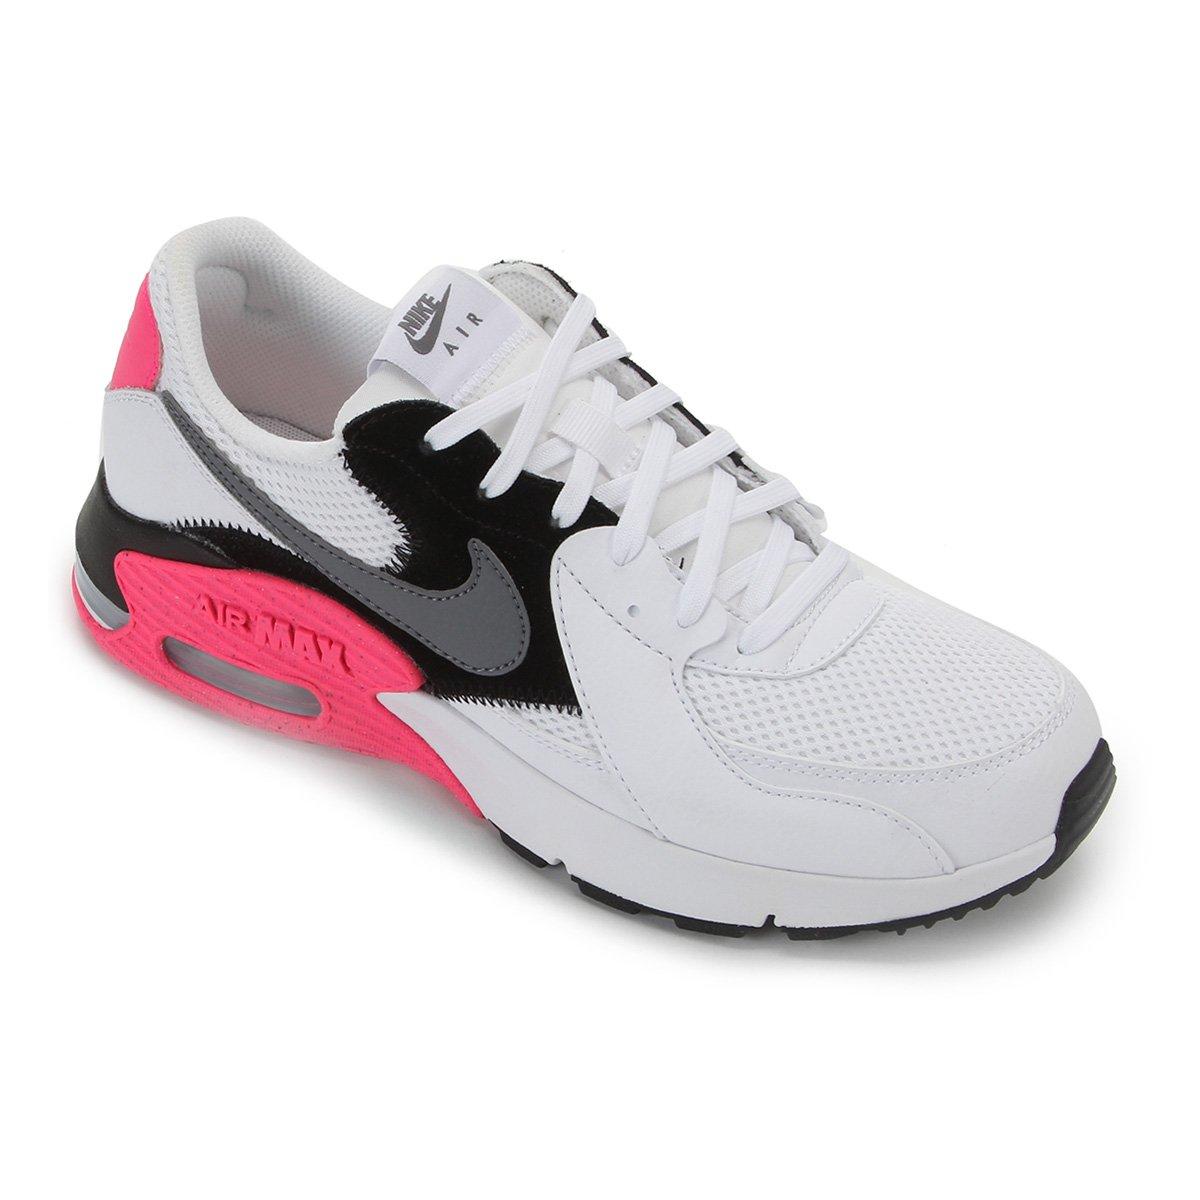 Tenis Nike Branco/Cinza/Pink Feminino Air Max Excee